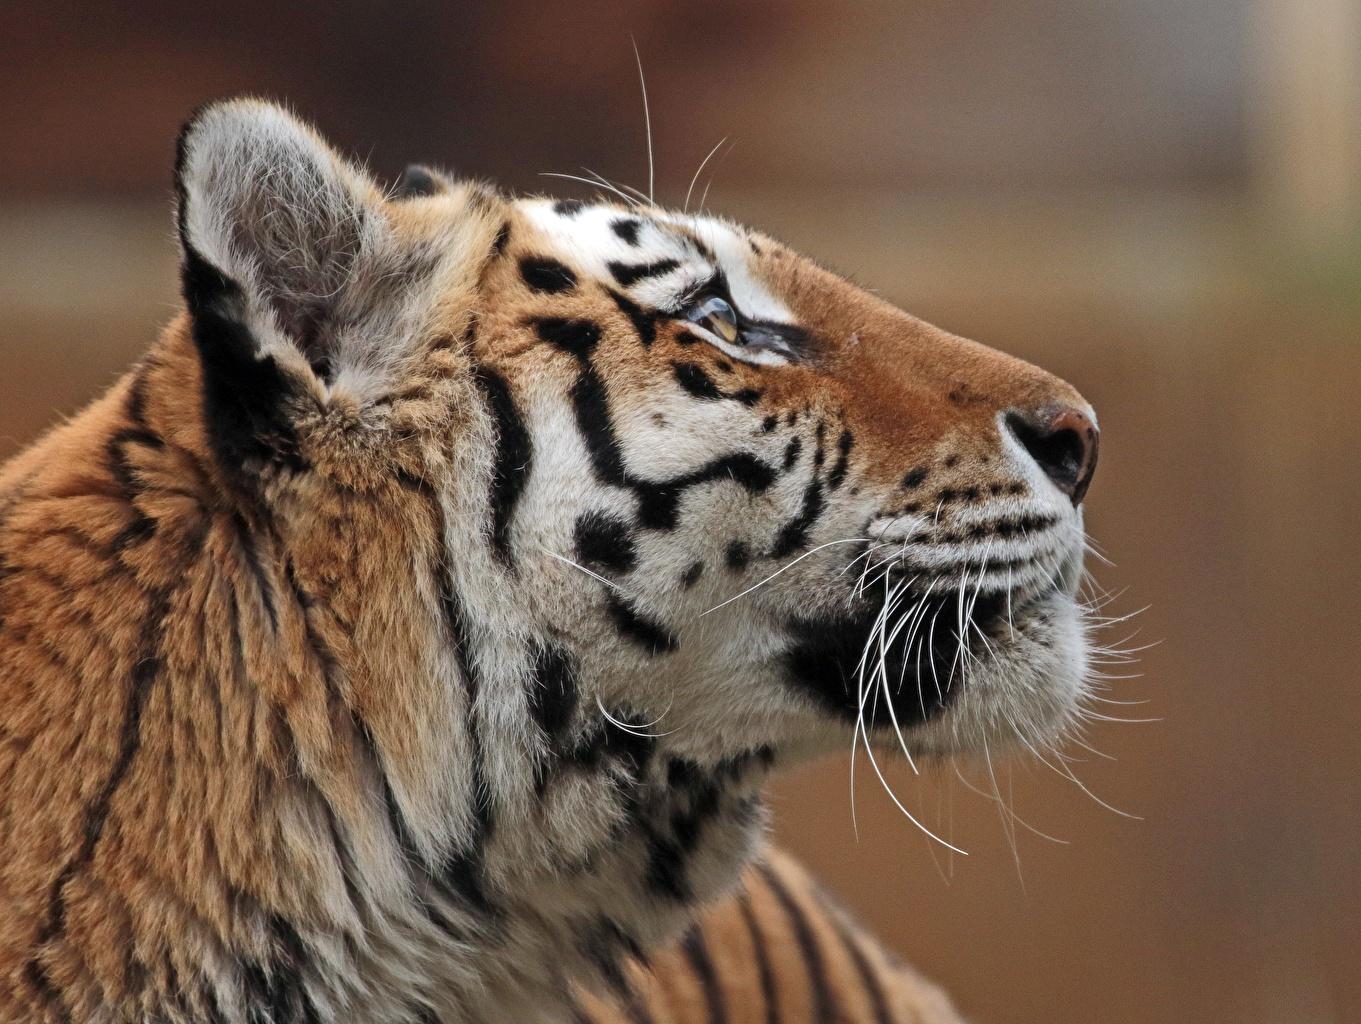 Foto Sibirischer Tiger Tiger Kopf Tiere Großansicht Amurtiger Ussuritiger hautnah ein Tier Nahaufnahme